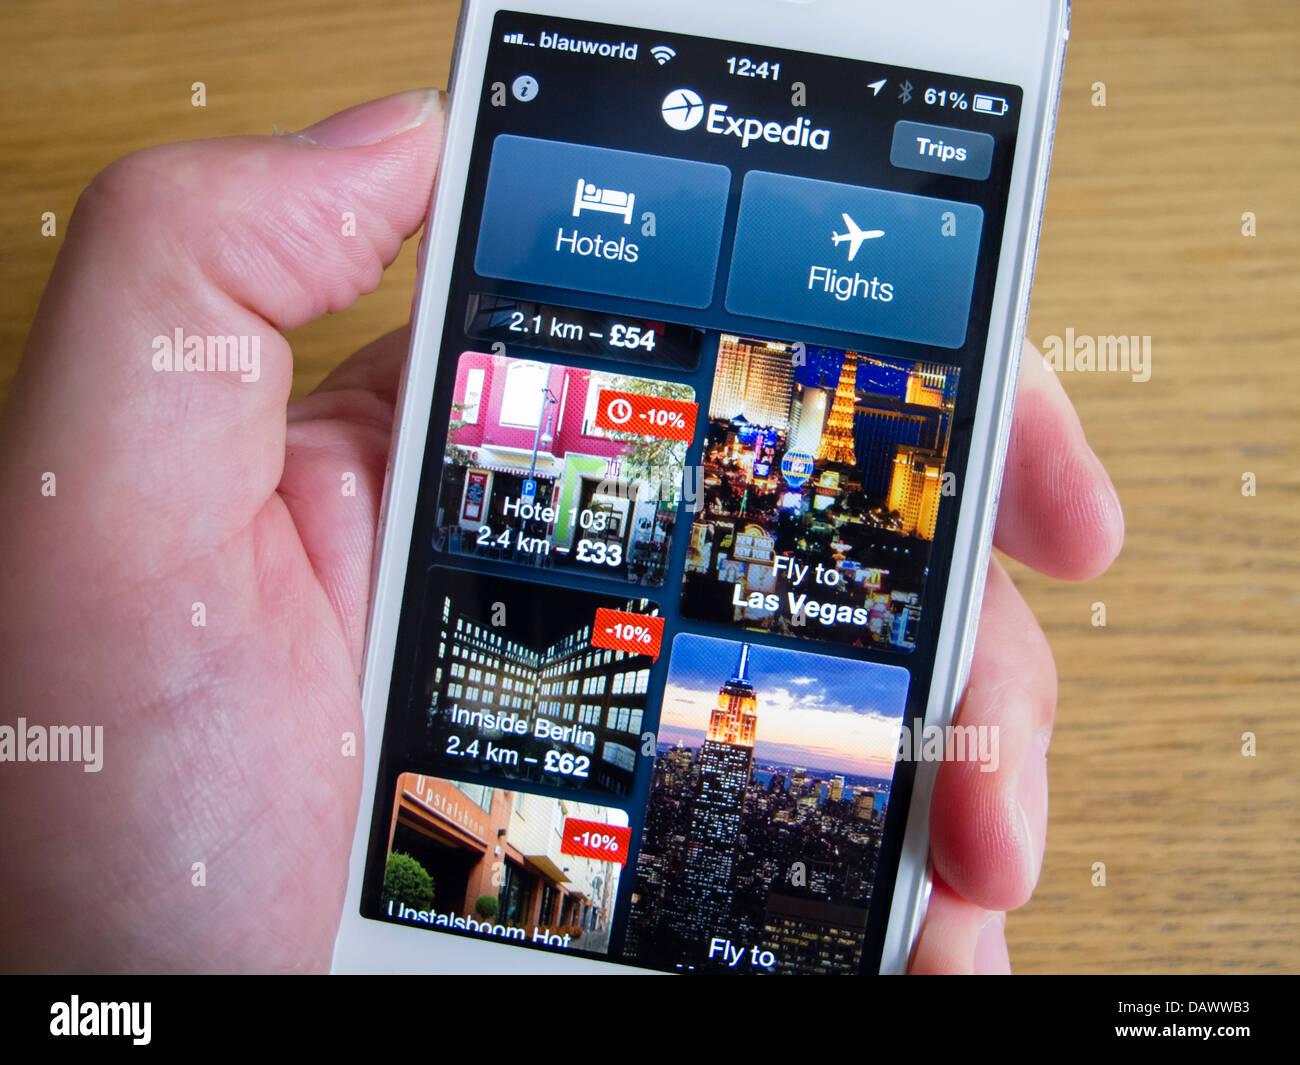 Tramite Expedia app per prenotare viaggi su bianco iPhone 5 smartphone Immagini Stock